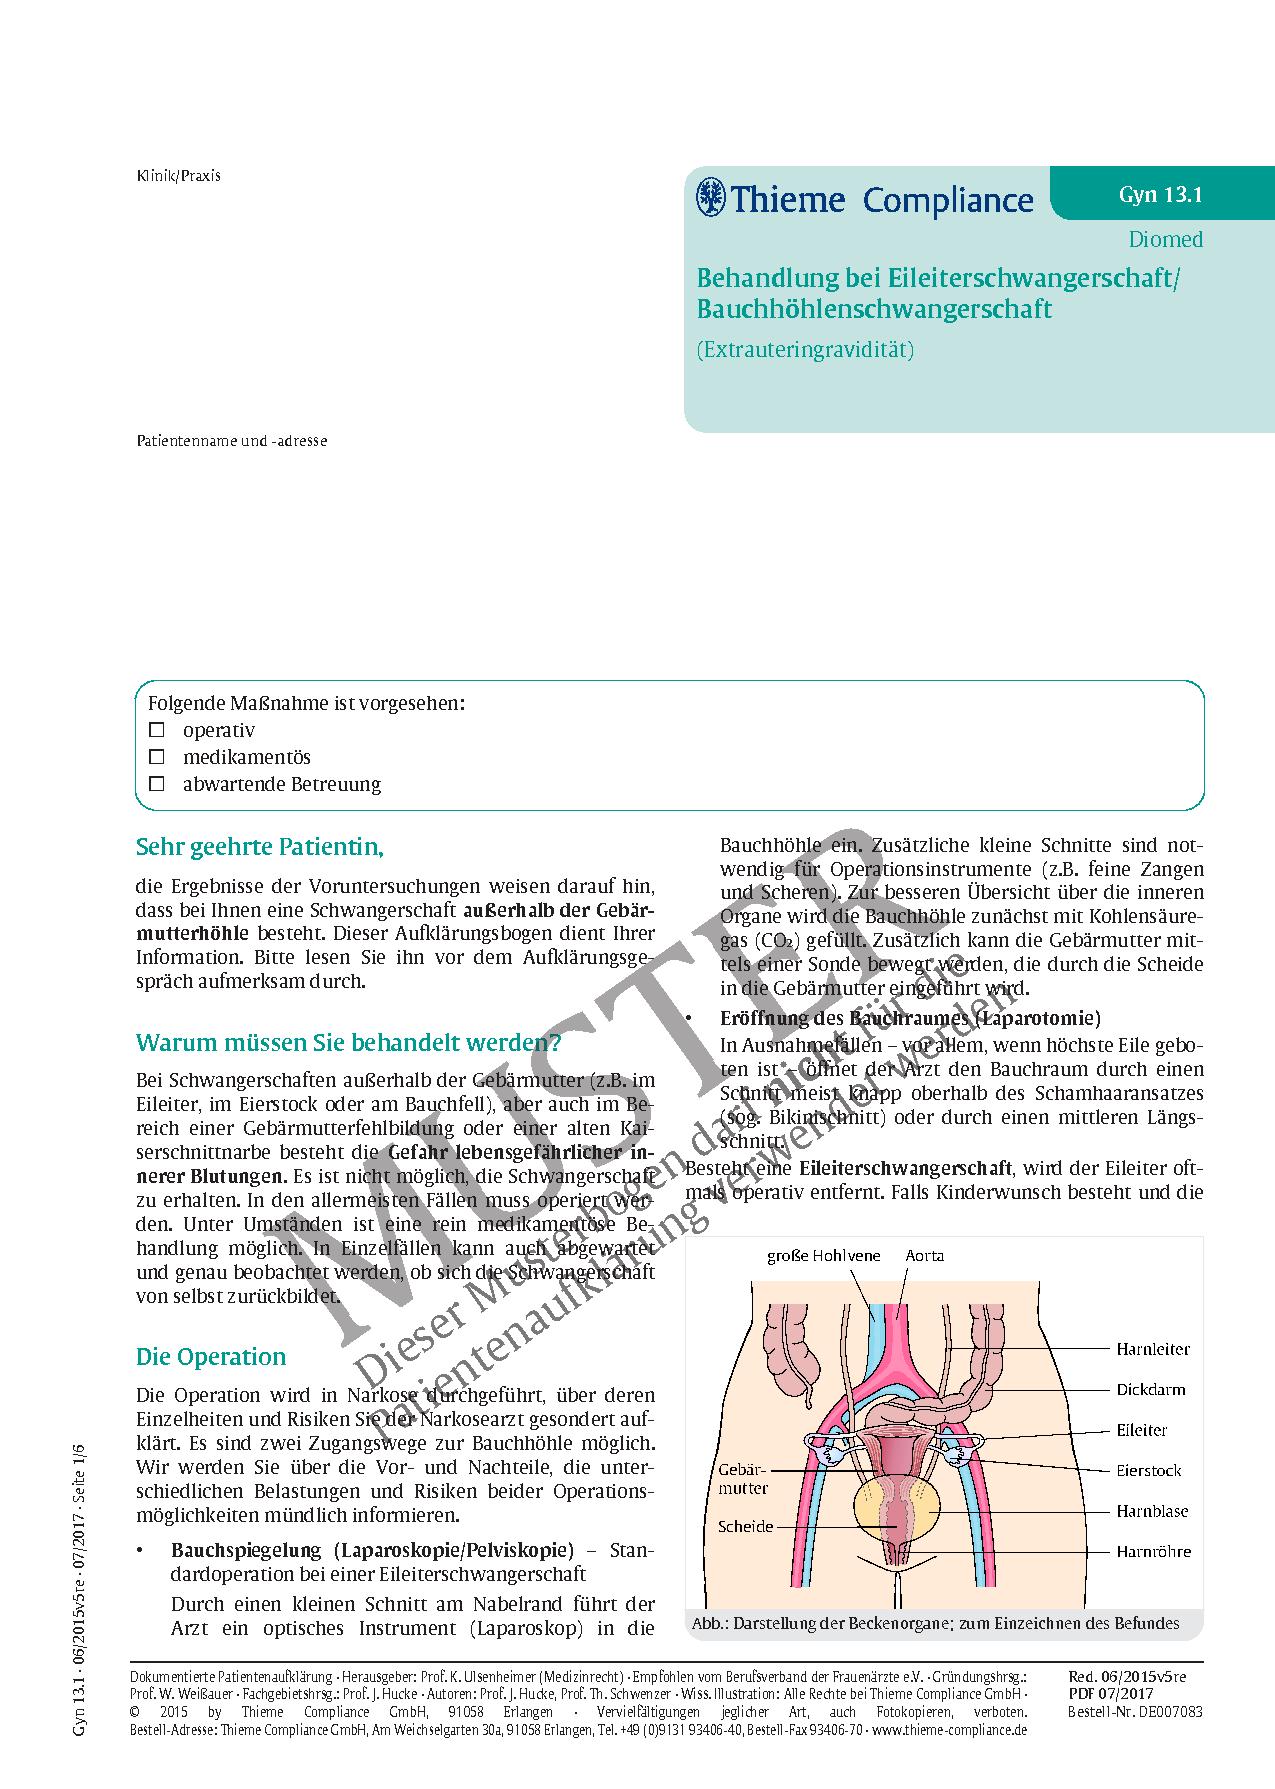 Berühmt Eileiter Fotos - Physiologie Von Menschlichen Körperbildern ...